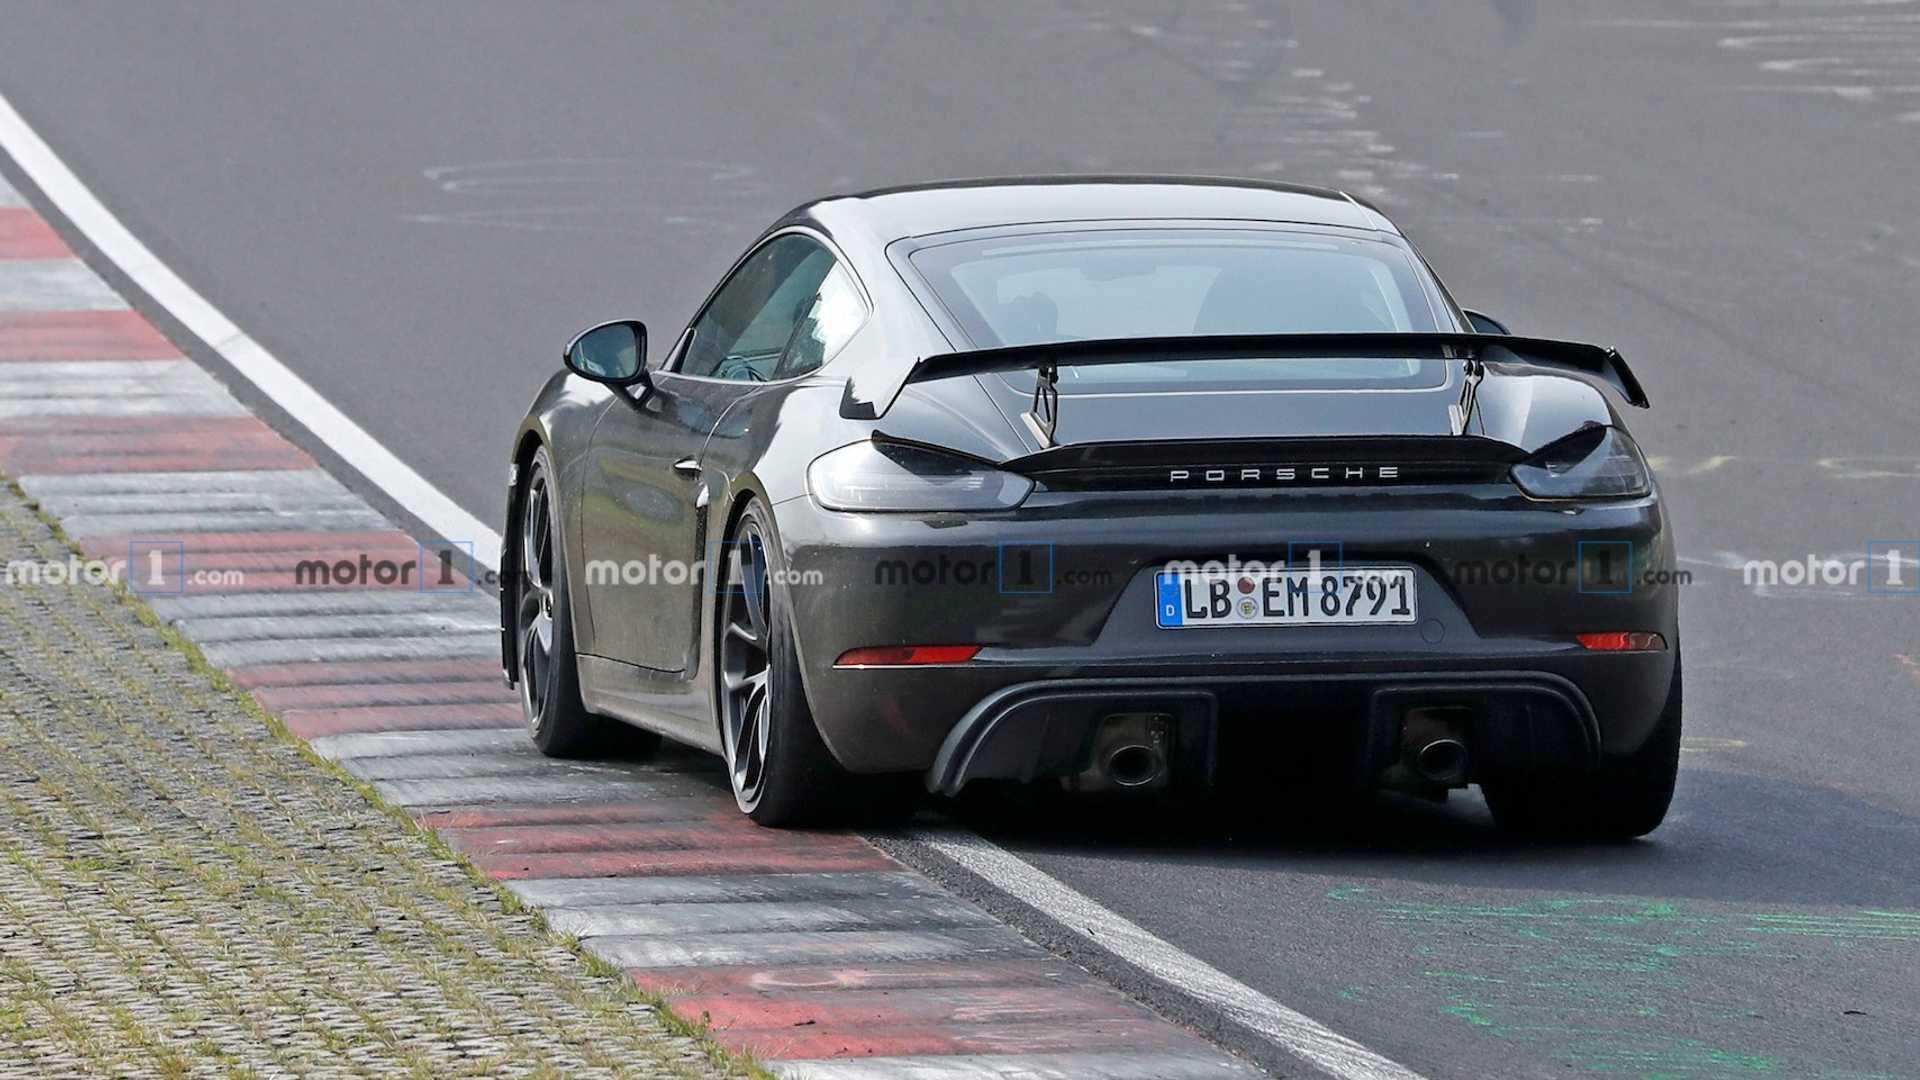 Новый Porsche Cayman GT4 попался фотошпионам почти без камуфляжа